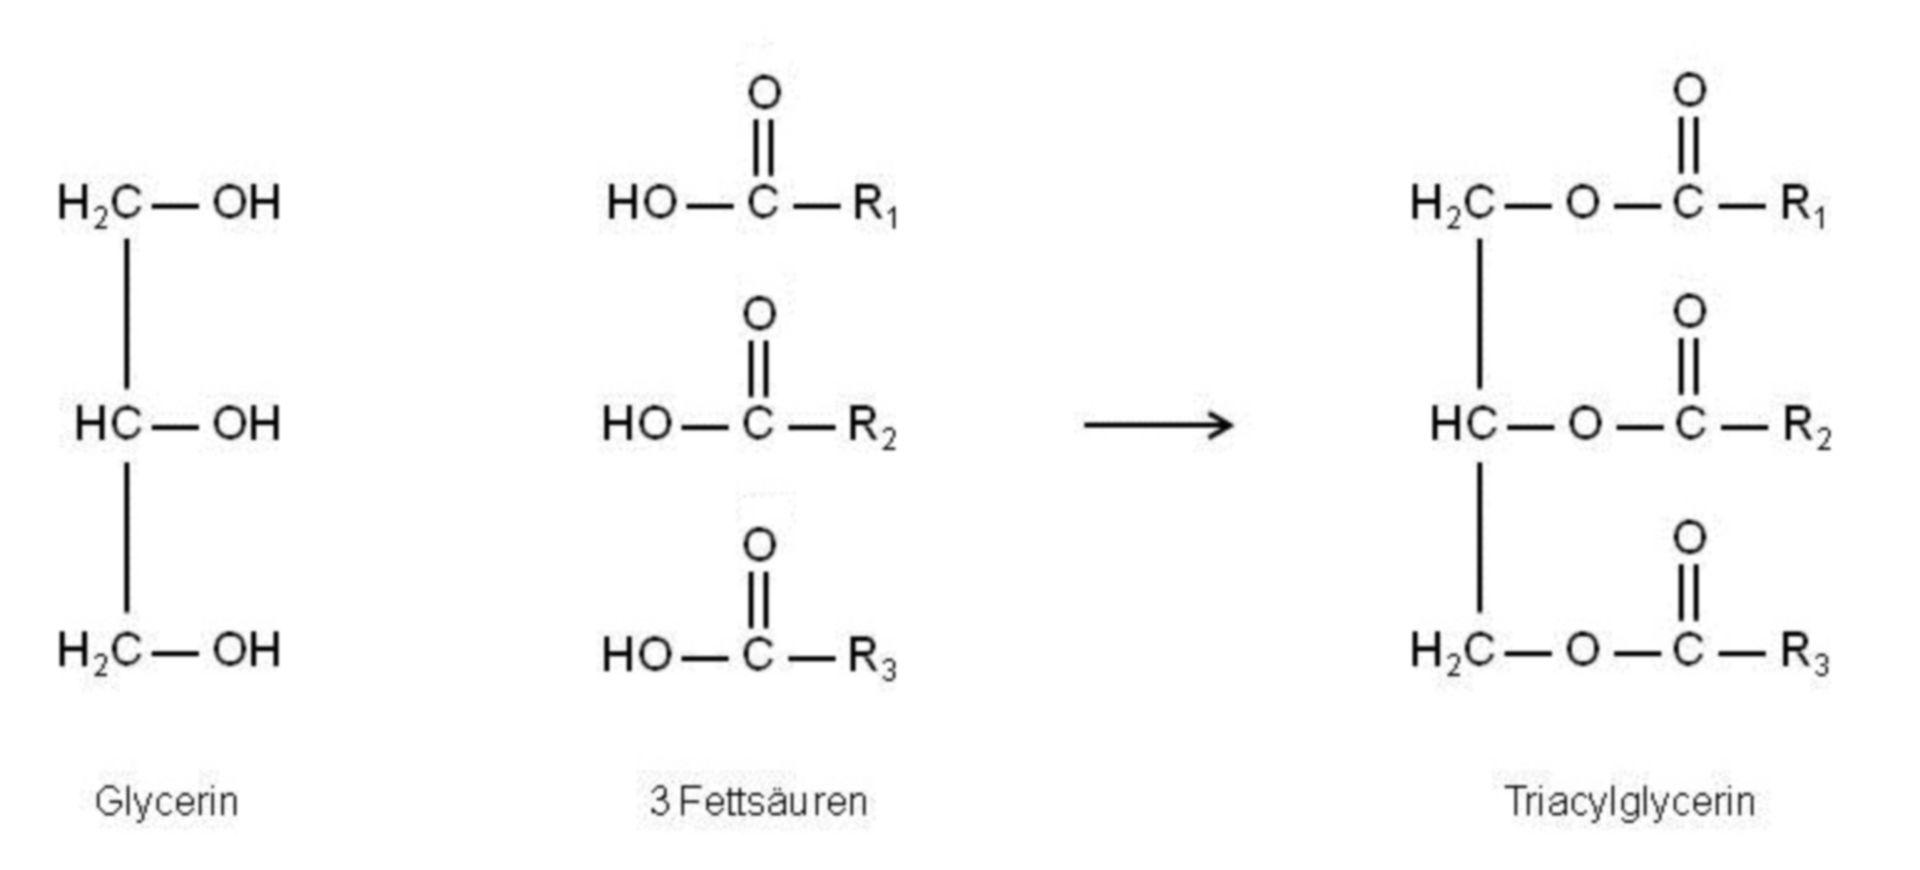 Formación de un triacilglicerol